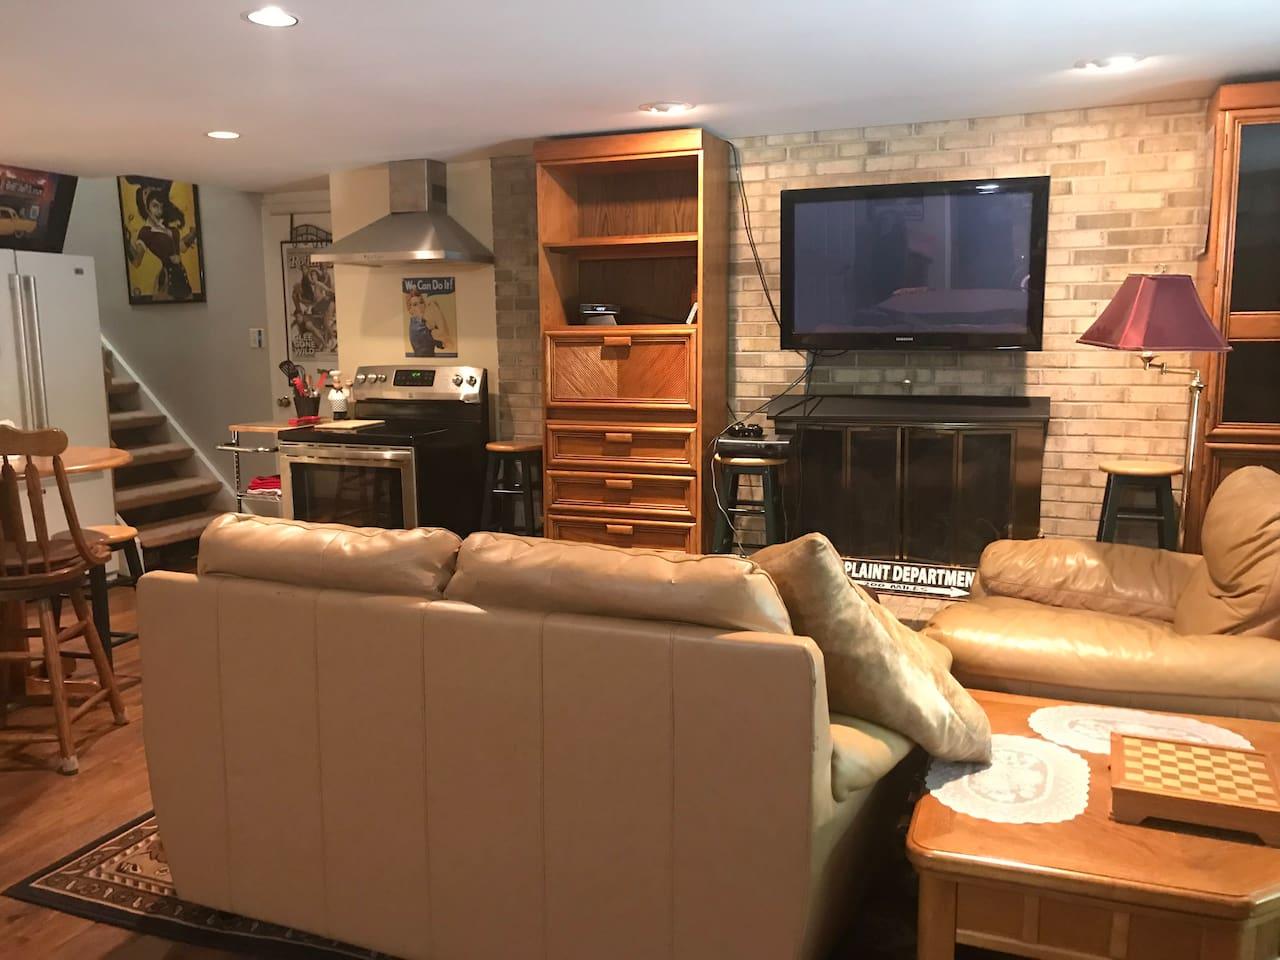 Living Room open floor plan with full kitchen. FIOS TV.